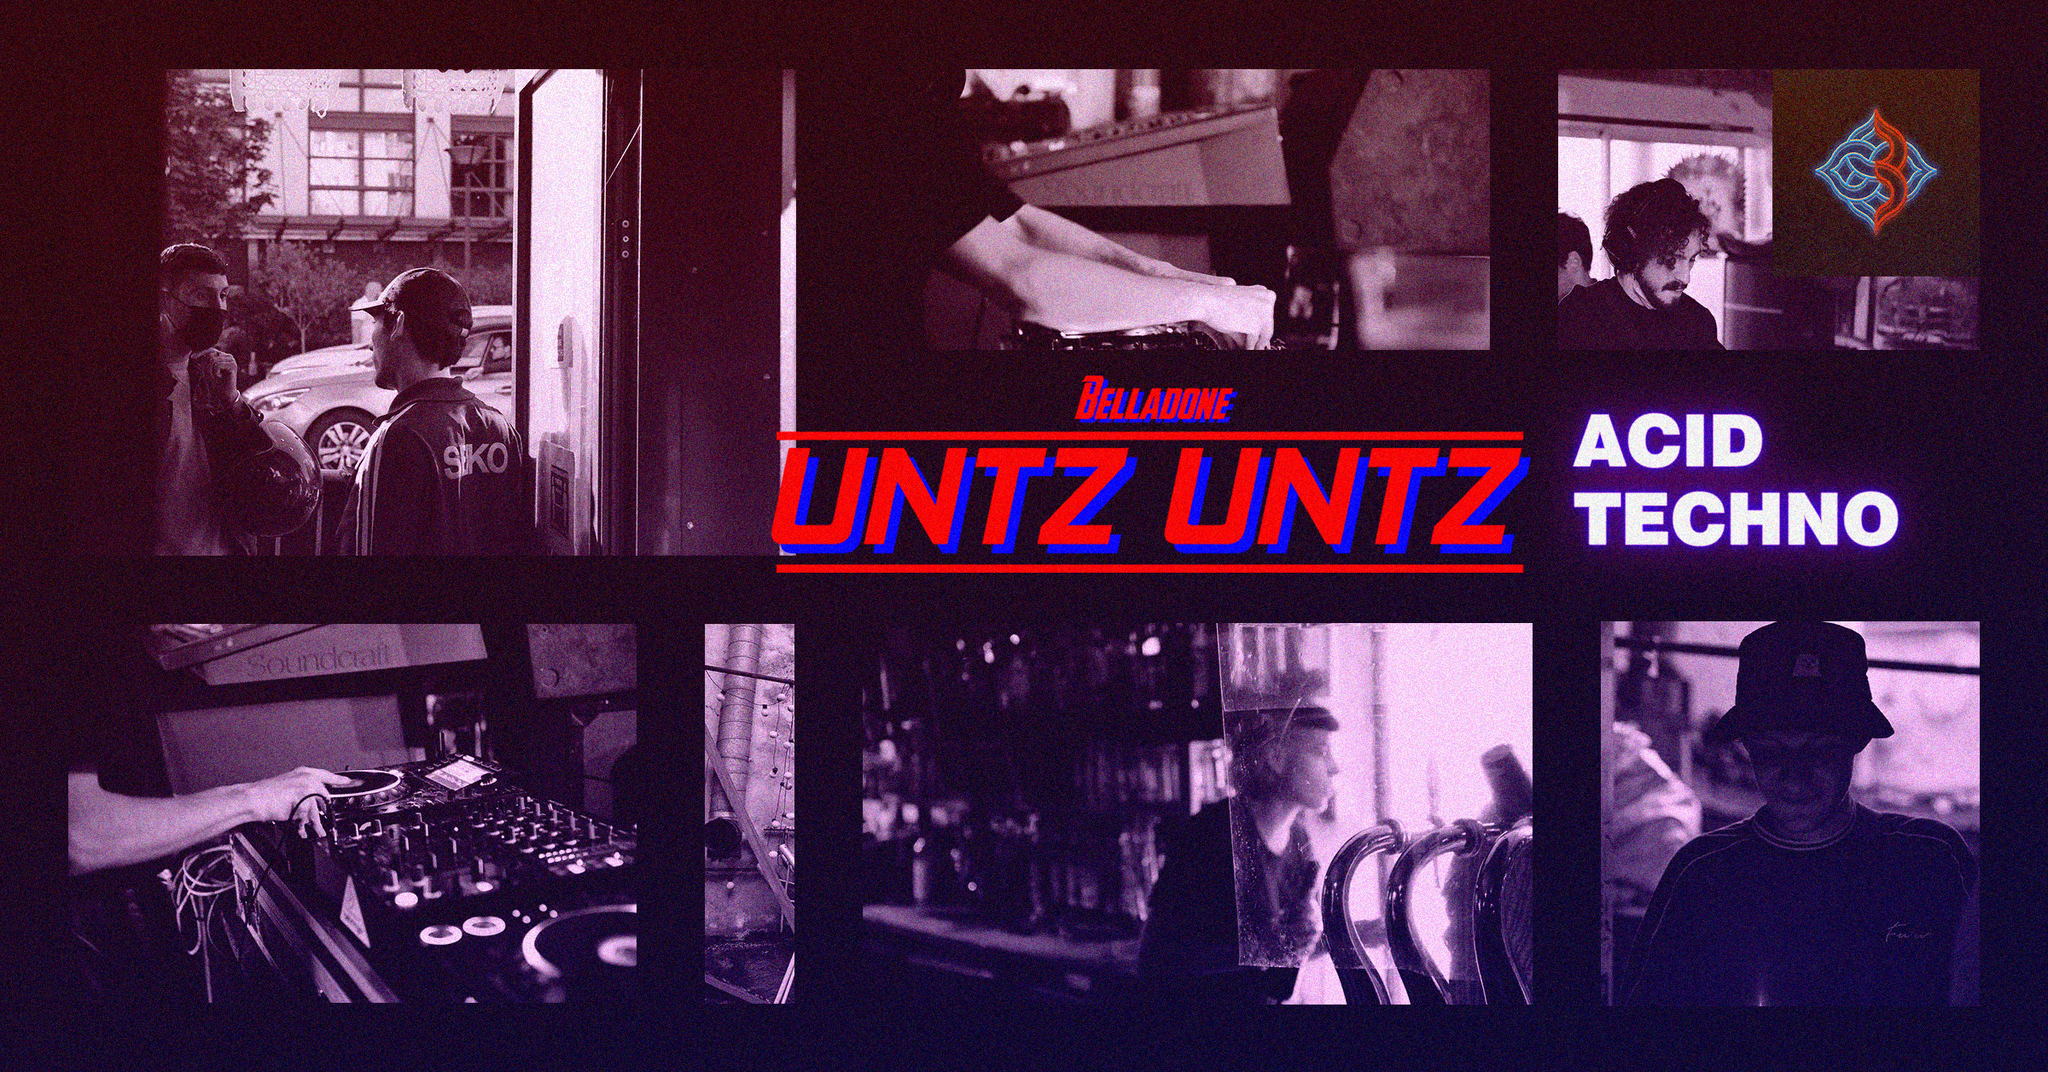 ___ untz untz #6___